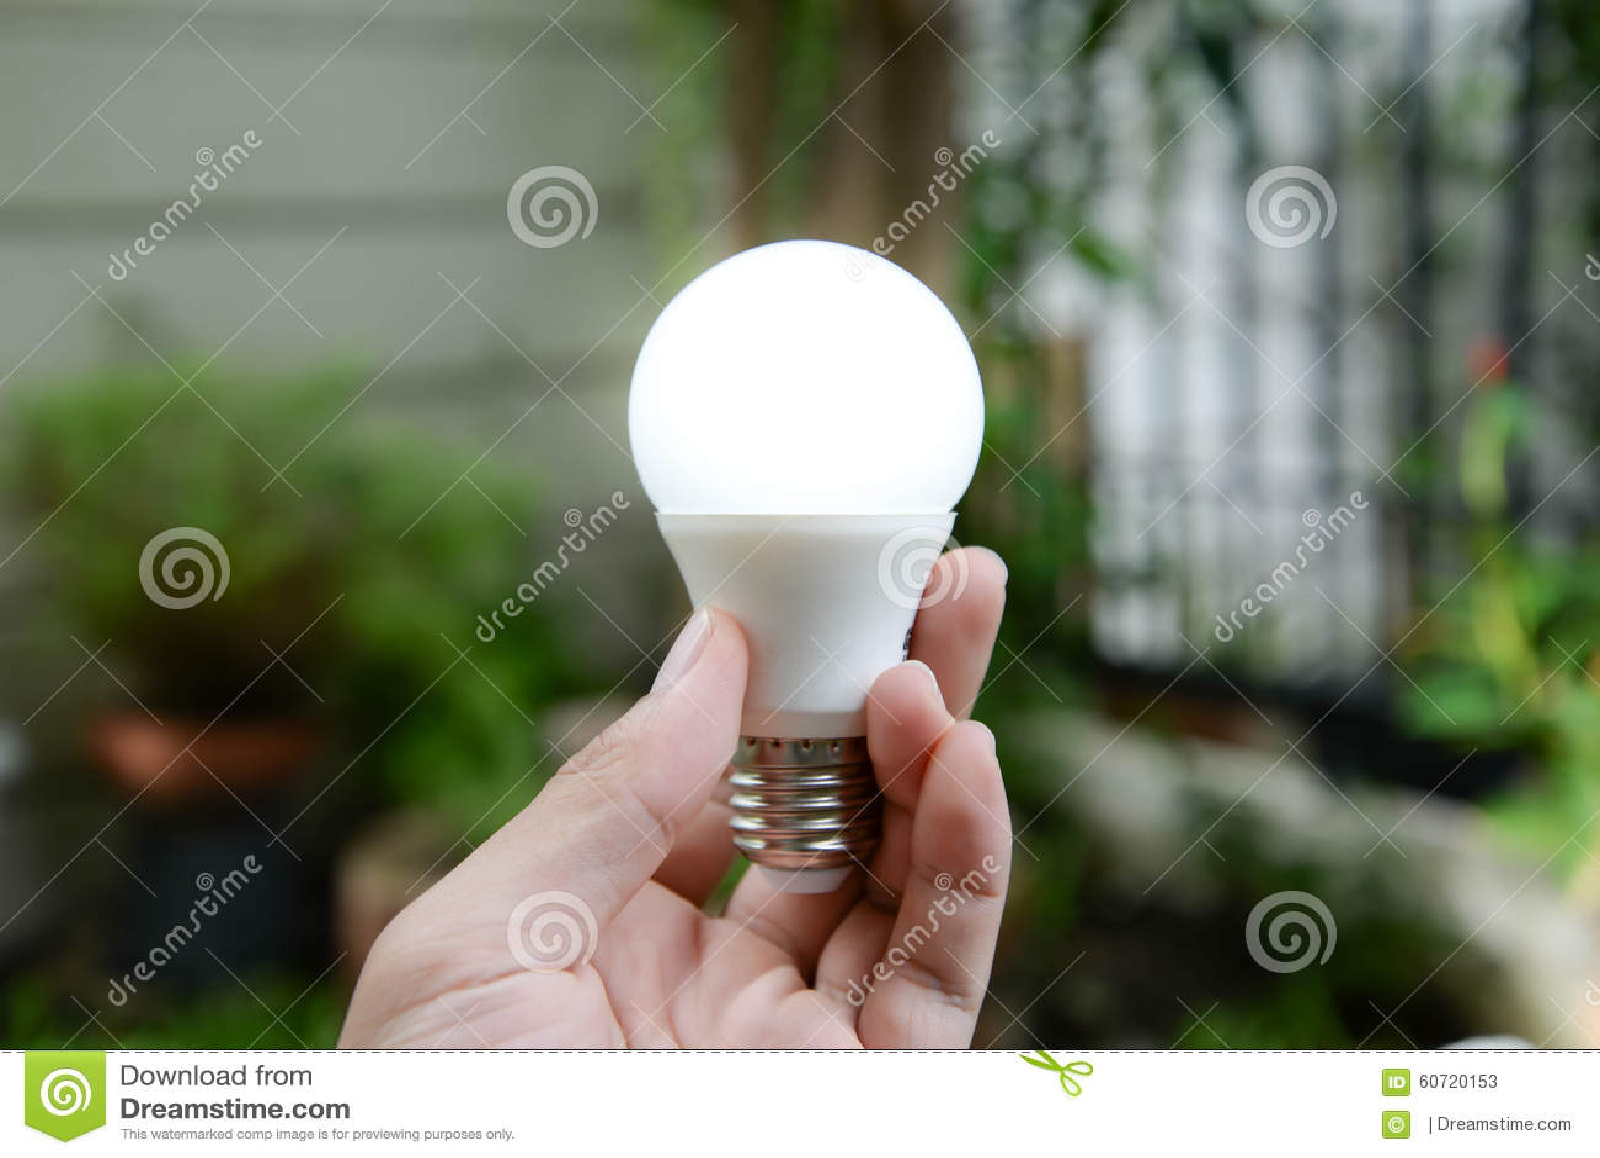 与照明设备-能量新技术的LED电灯泡